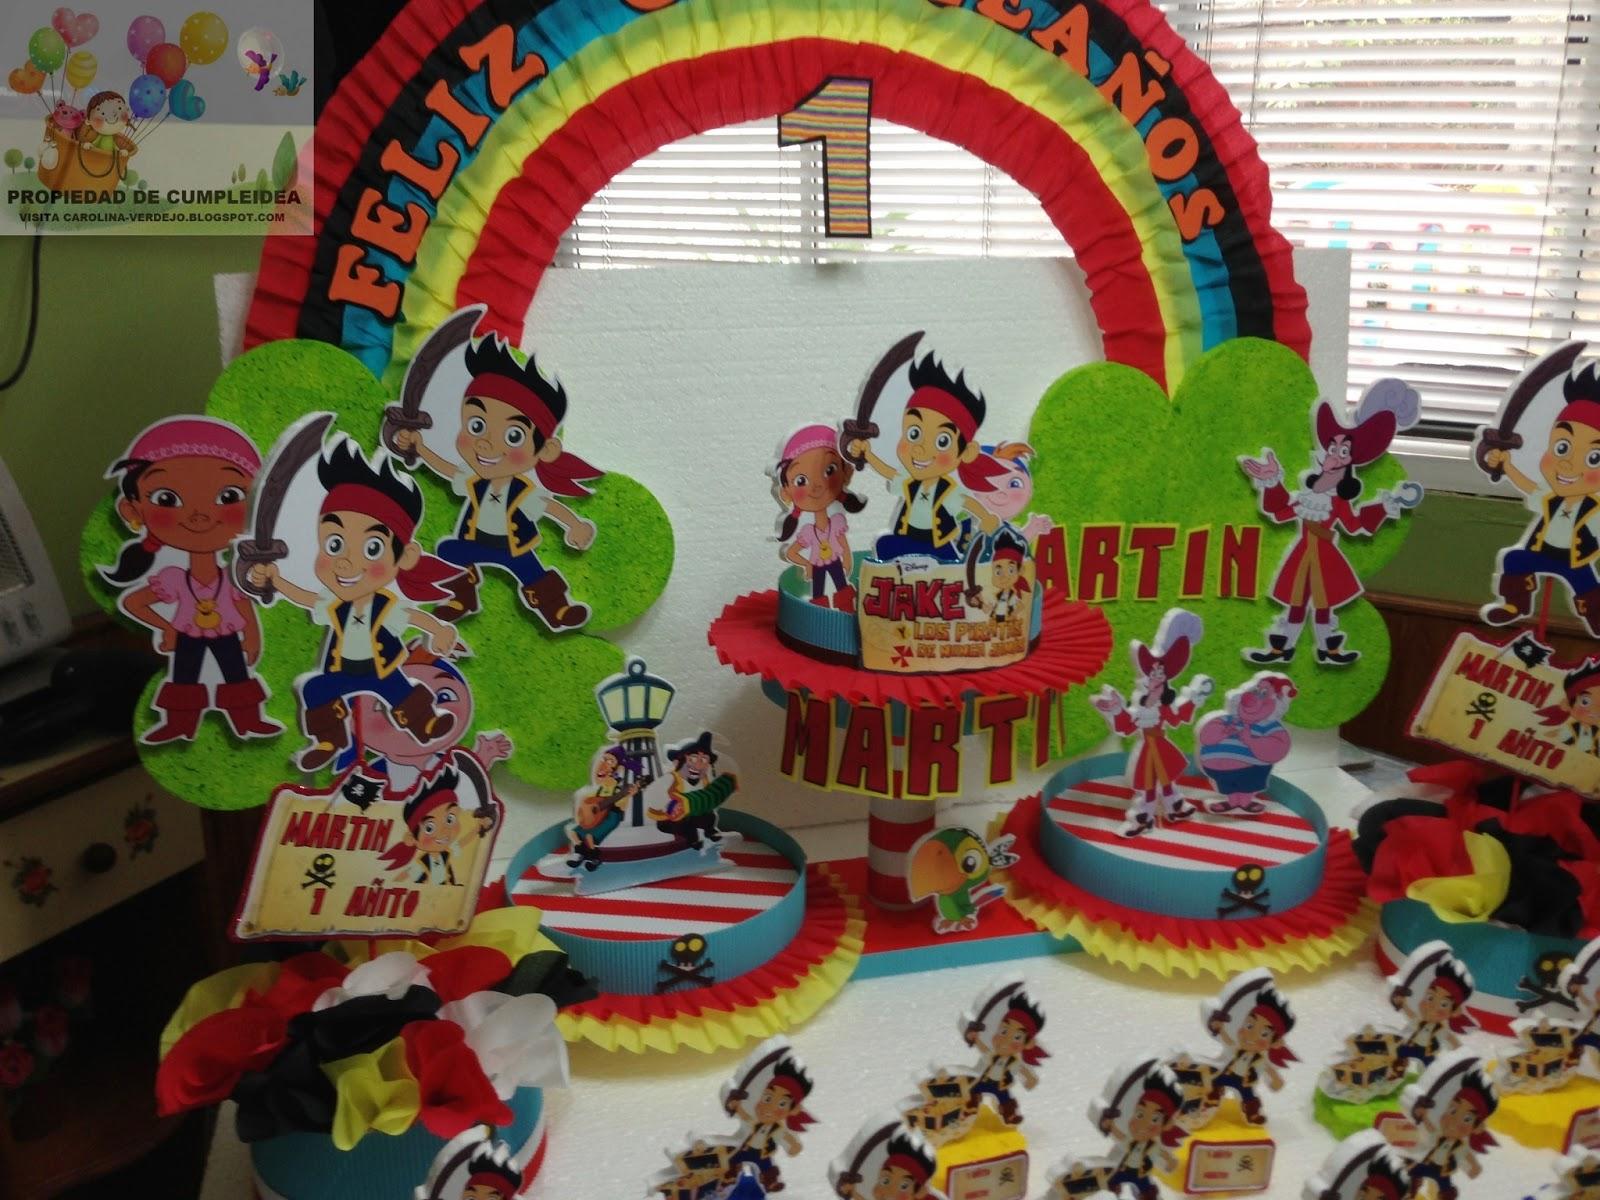 Decoraciones infantiles jake y los piratas de nunca jamas for Decoraciones infantiles